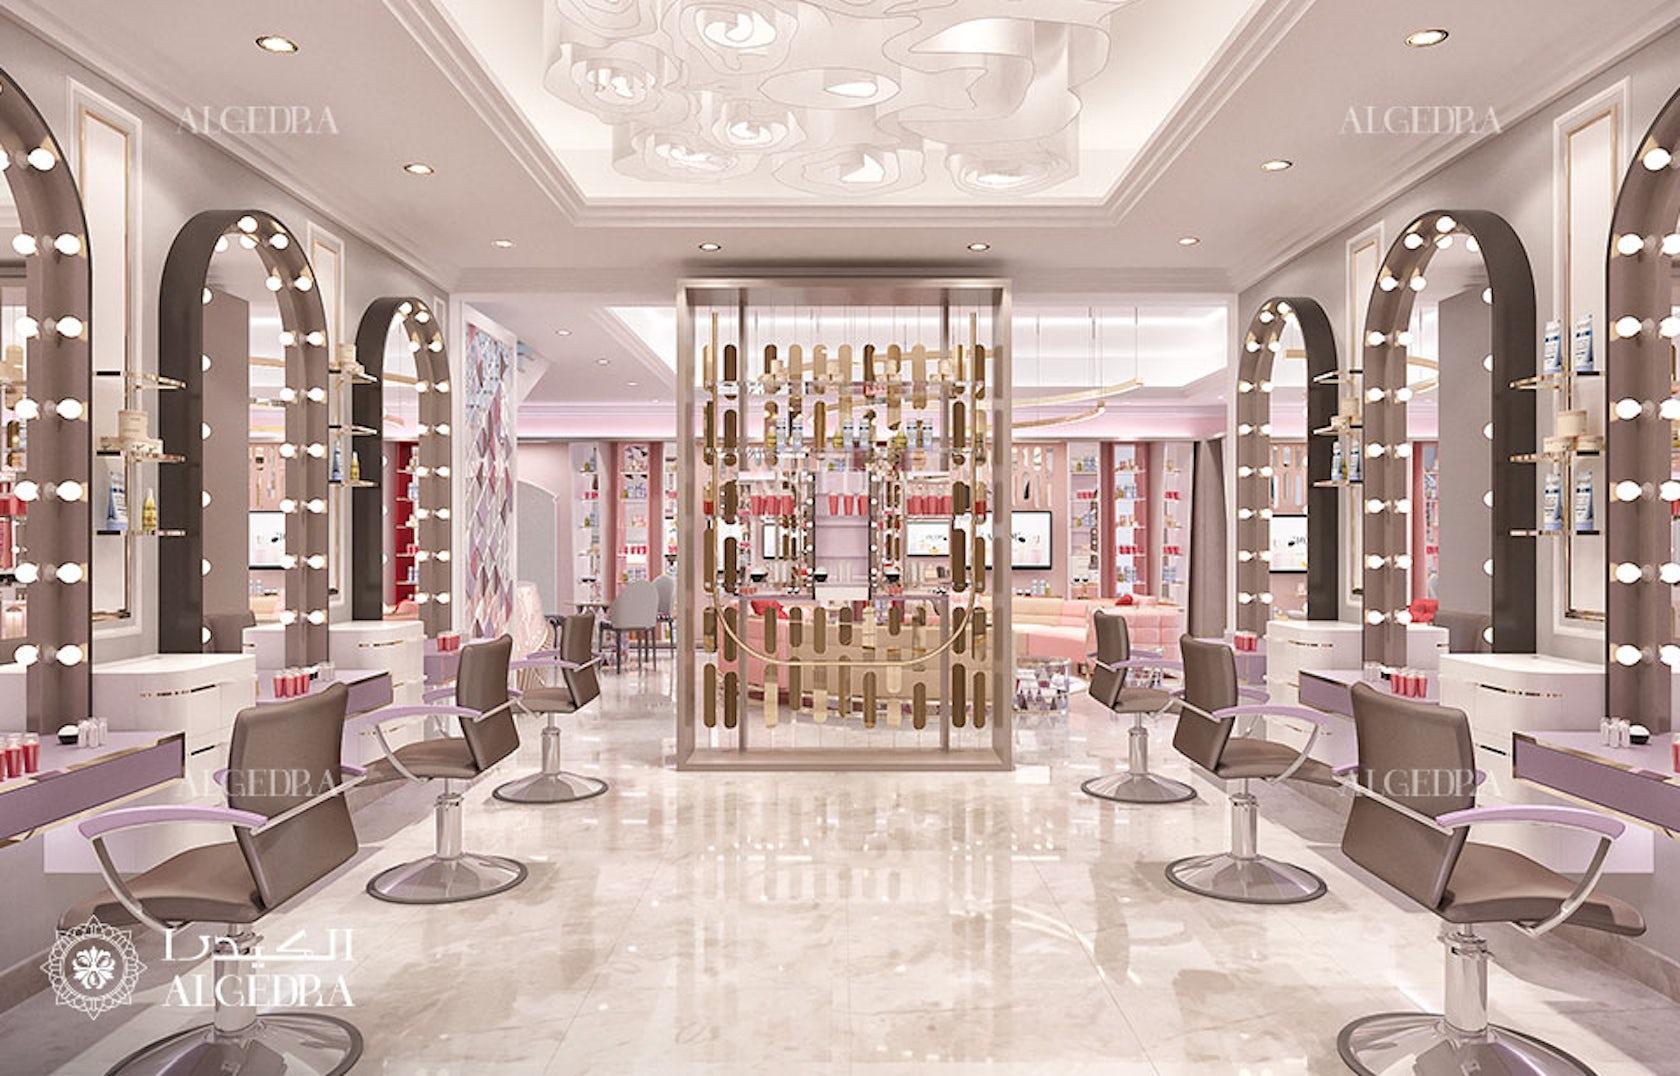 Ladies beauty salon in Dubai interior by ALGEDRA design